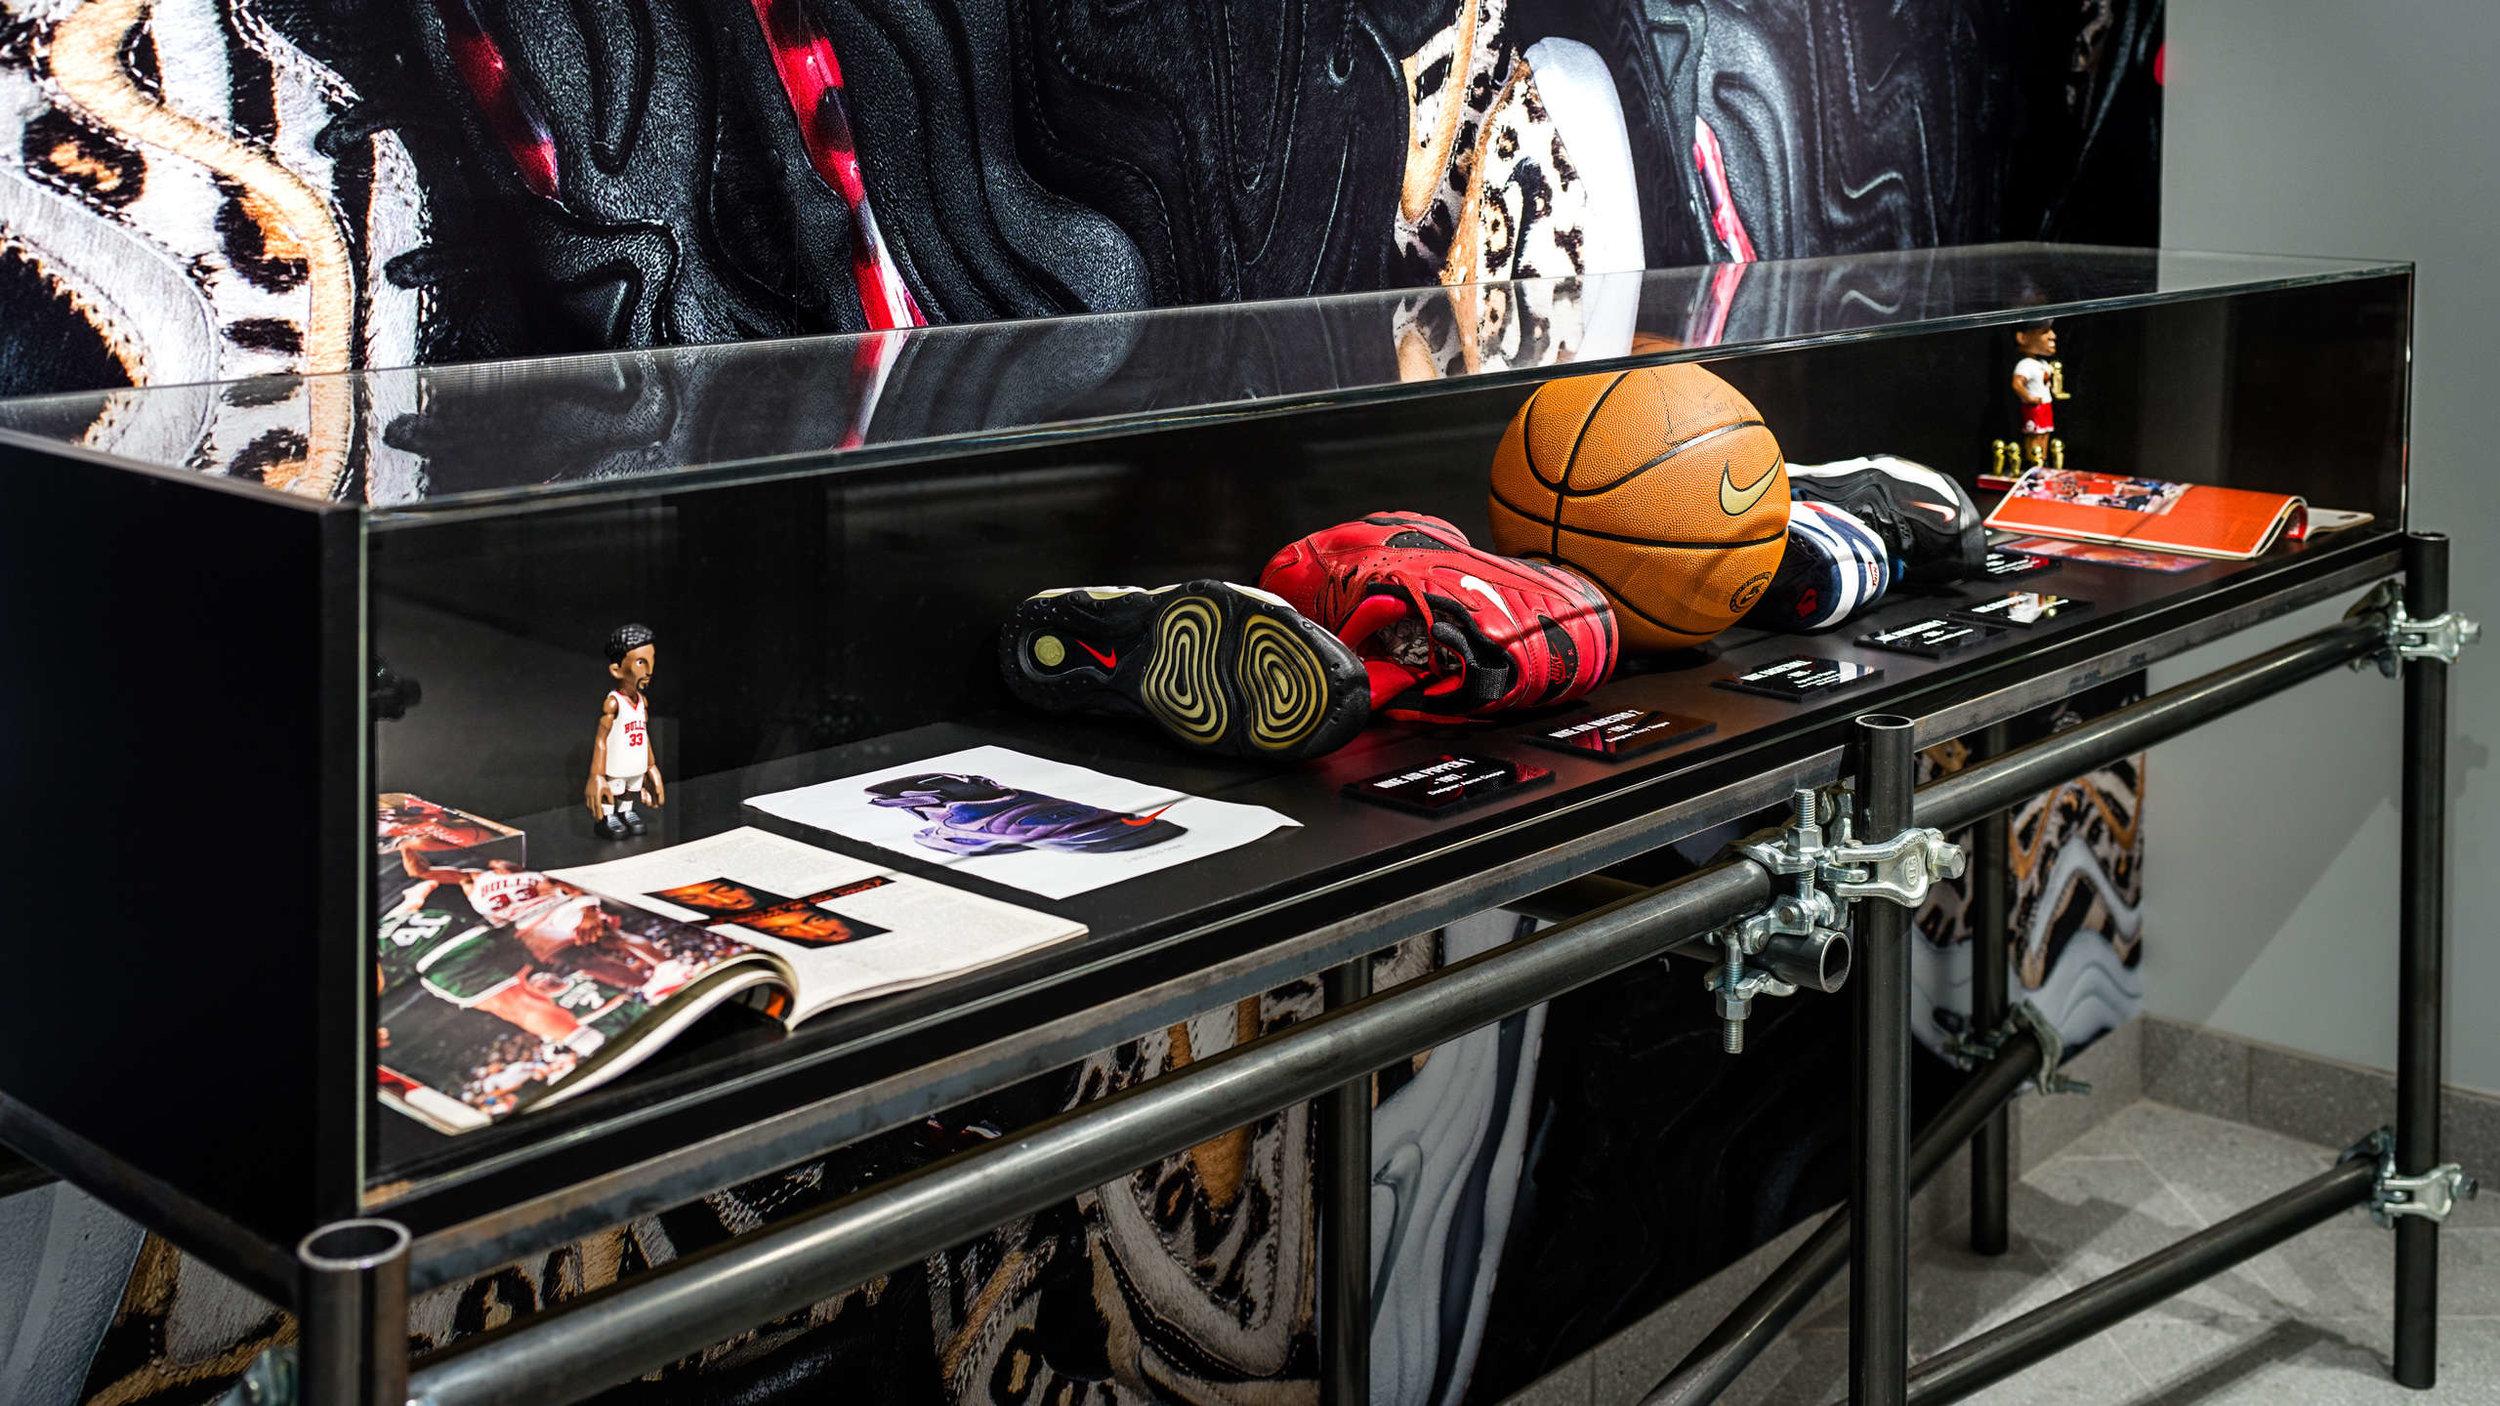 Kith x Scottie Pippen, SoHo Location